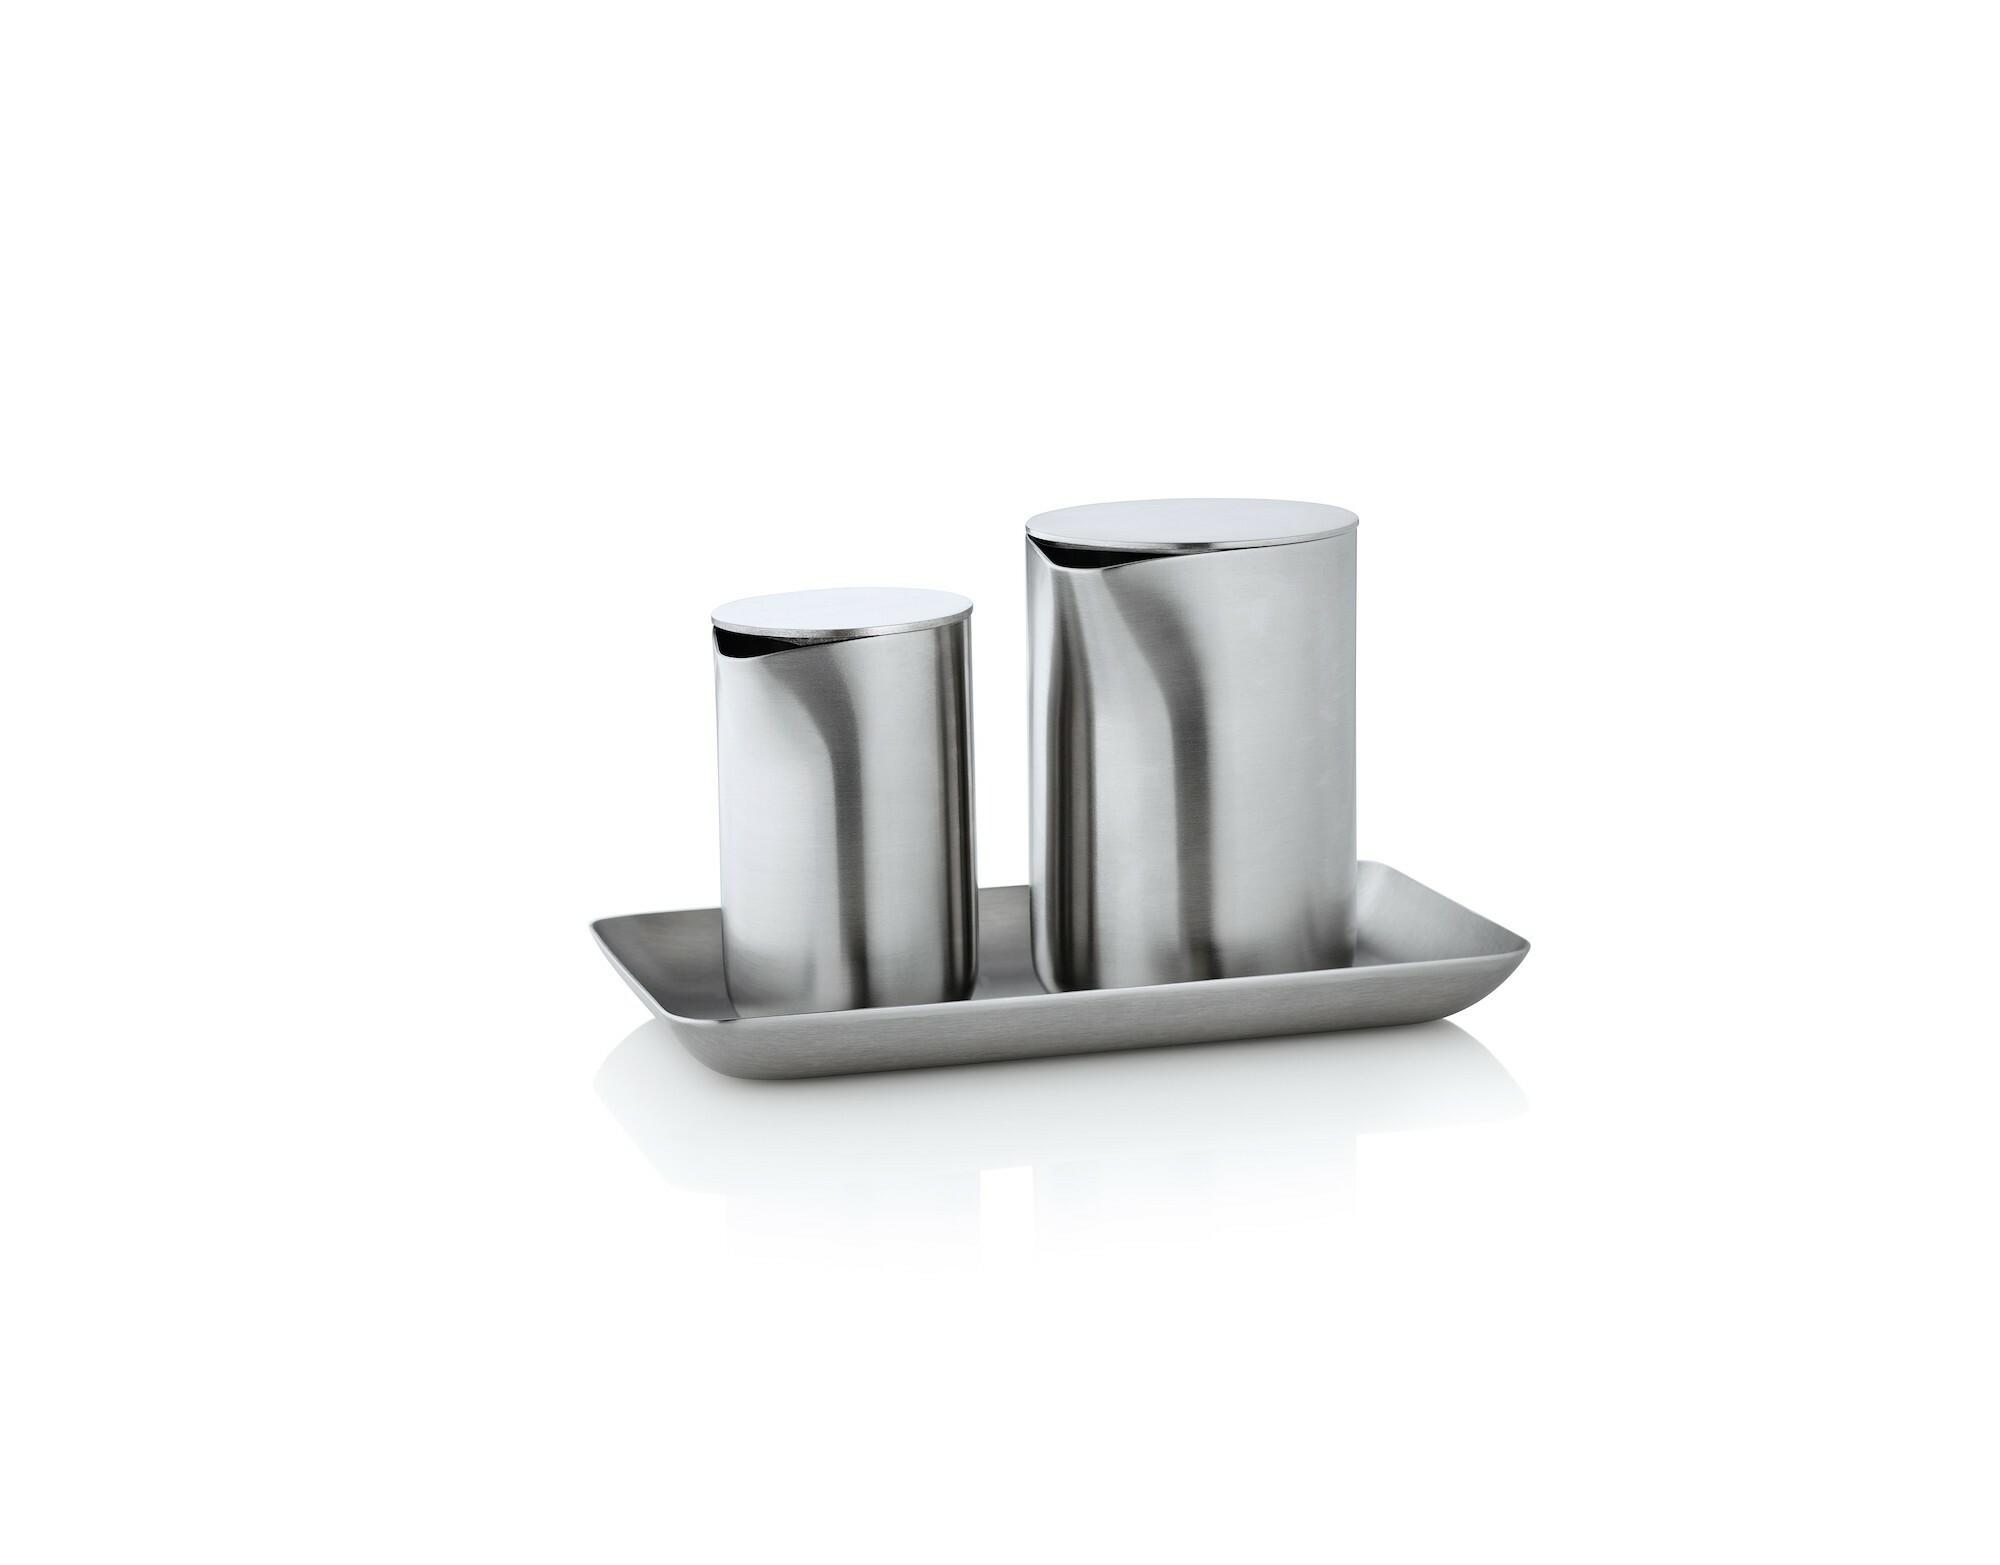 Design Rvs Keukenaccessoires : Pogo-designshop Blog - Blomus suiker en ...